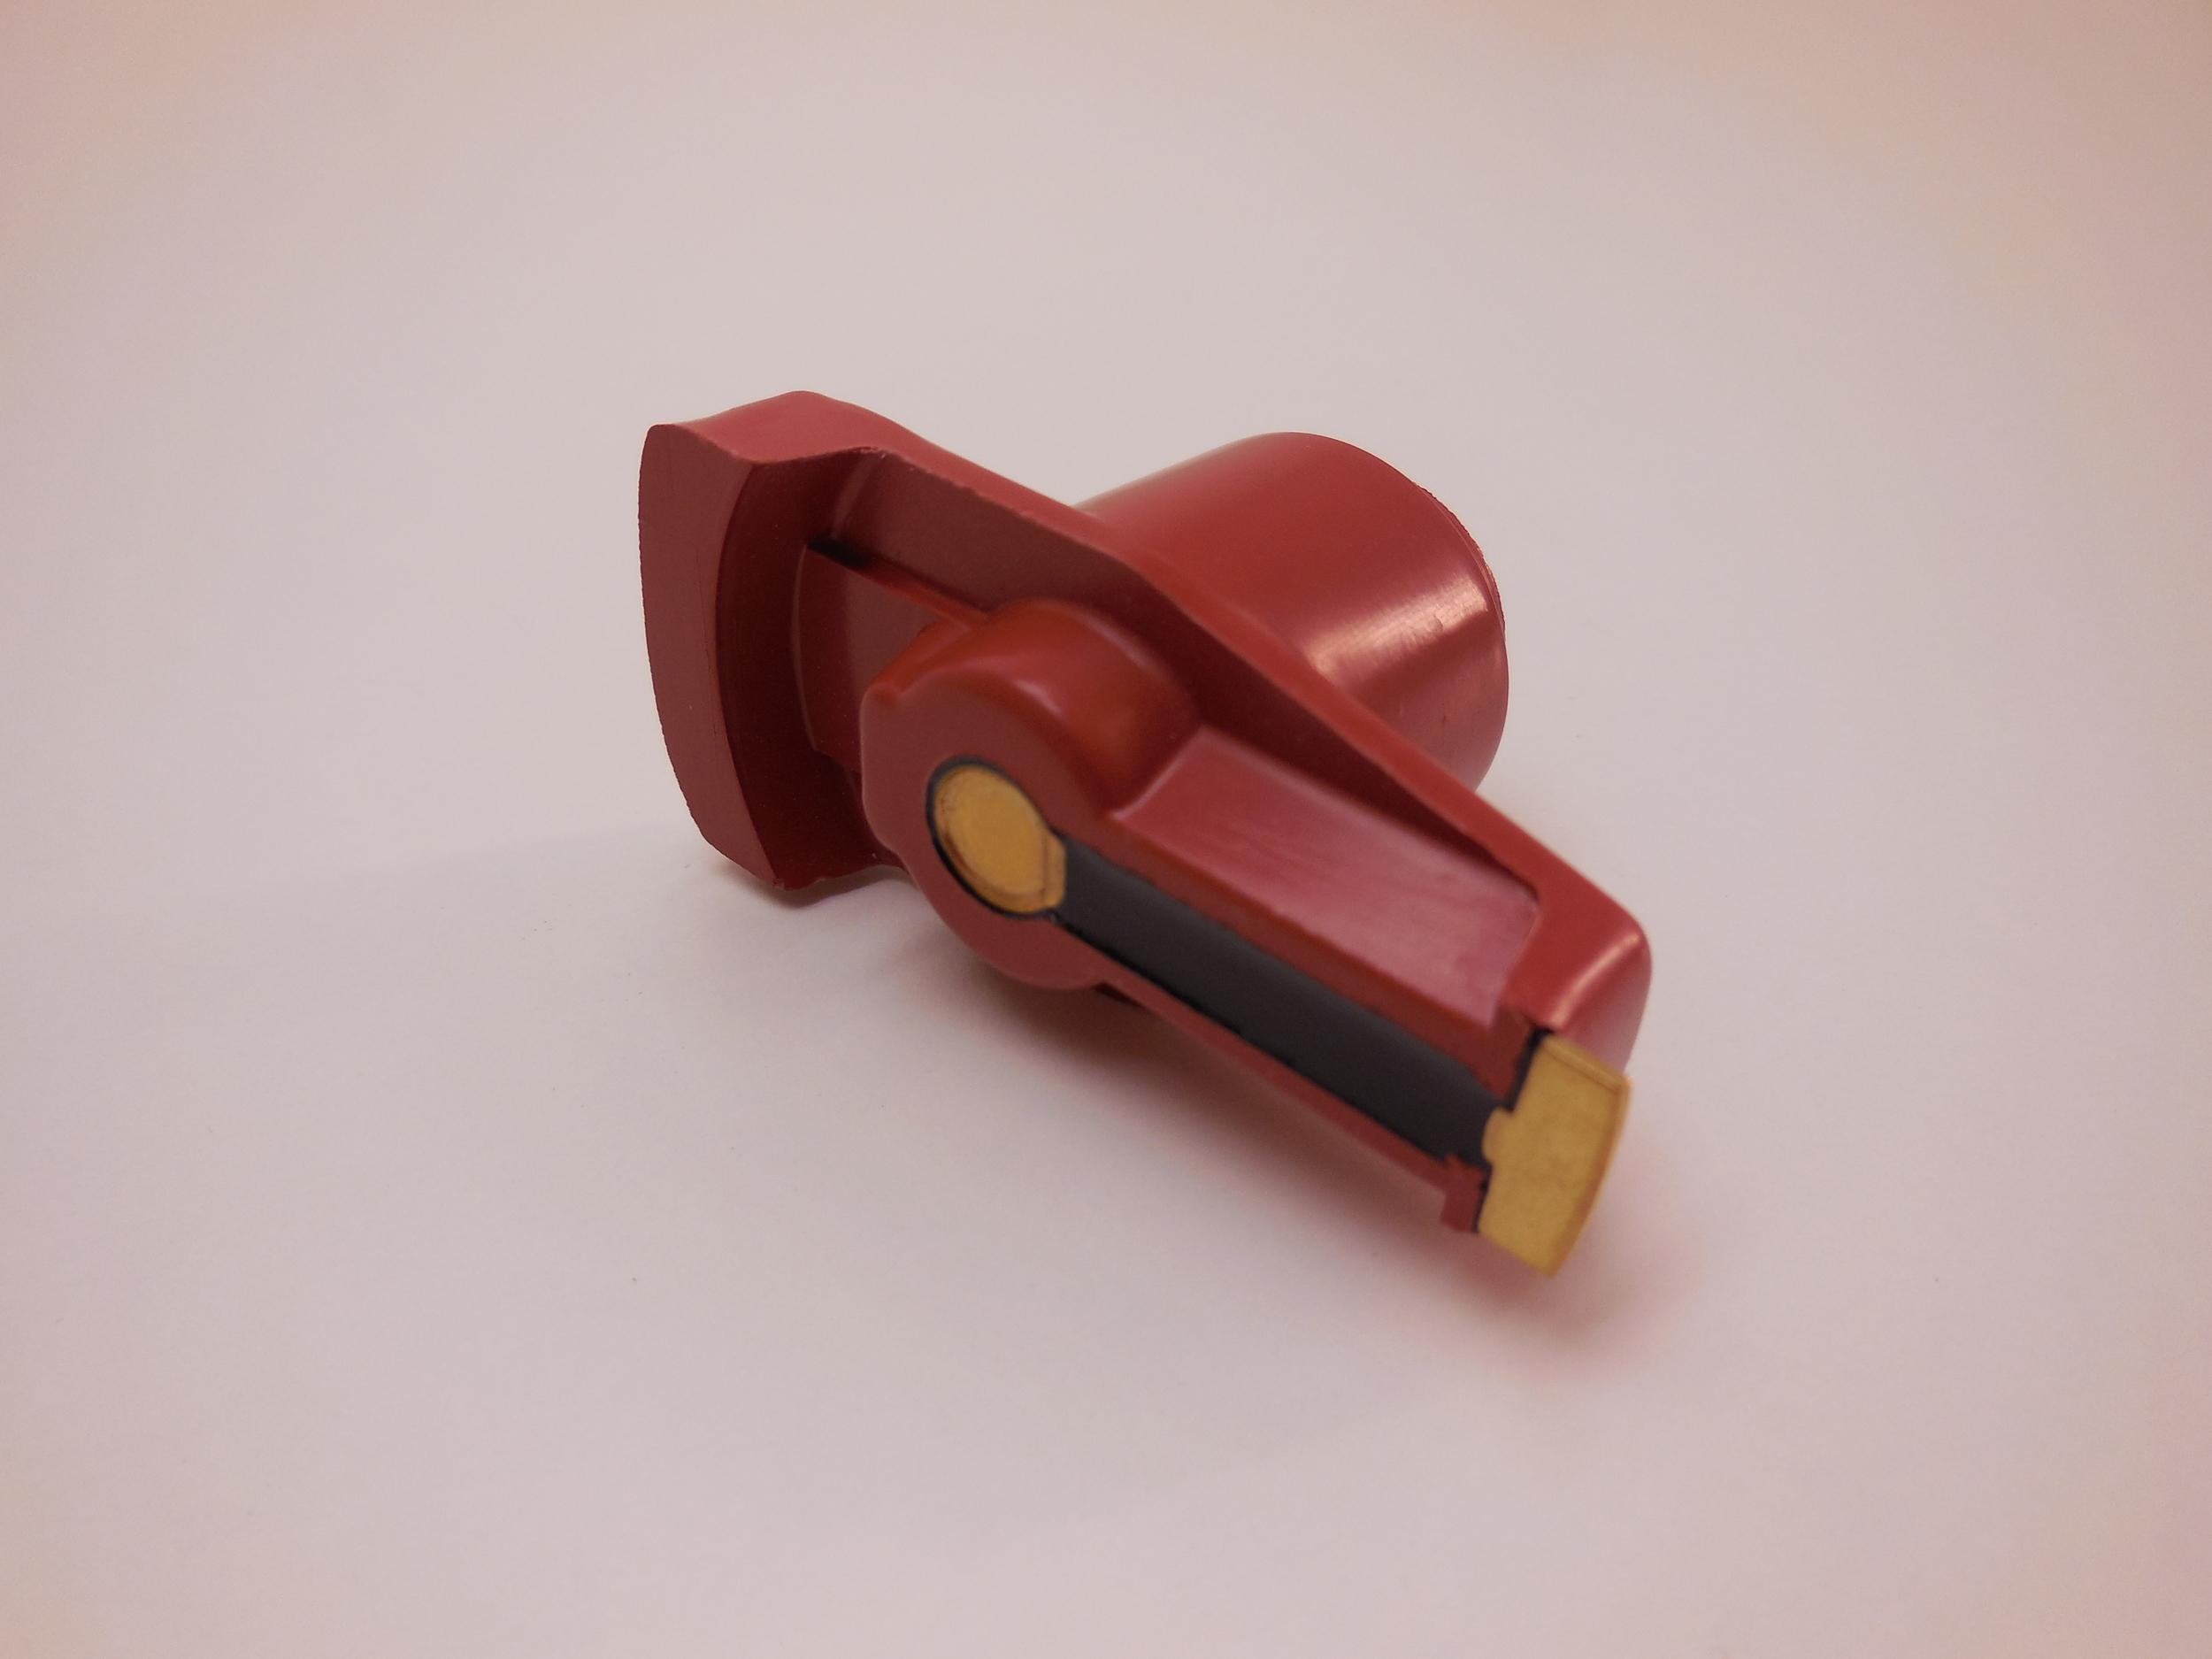 Rotor Arm Häggo Nr: 3569 4121-605 price: 95 sek